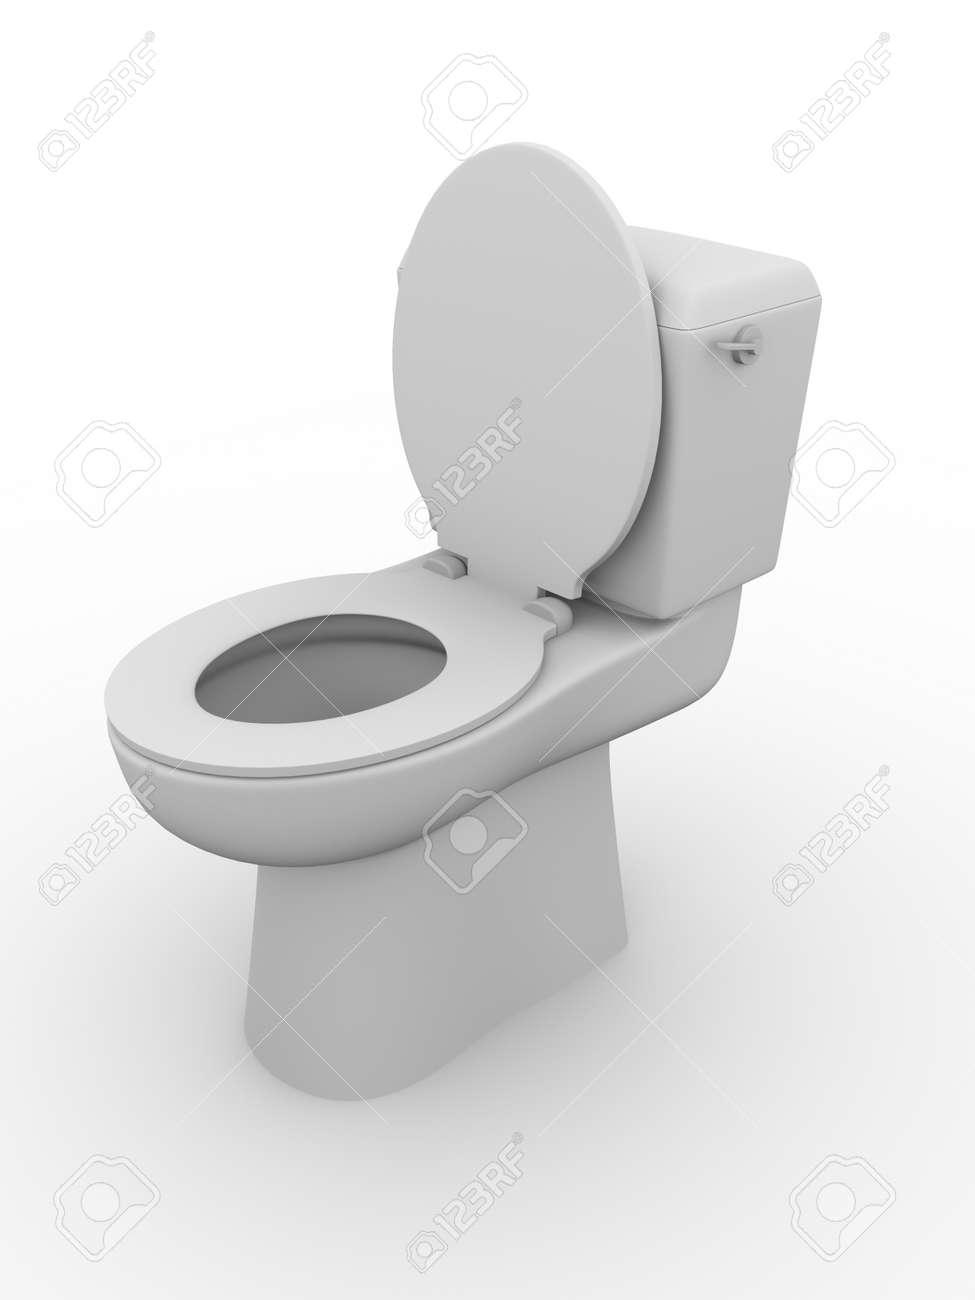 Abra Taza Del Inodoro Equipamiento Del Ba O Retretes Wc Fotos  ~ Como Limpiar El Fondo Del Inodoro